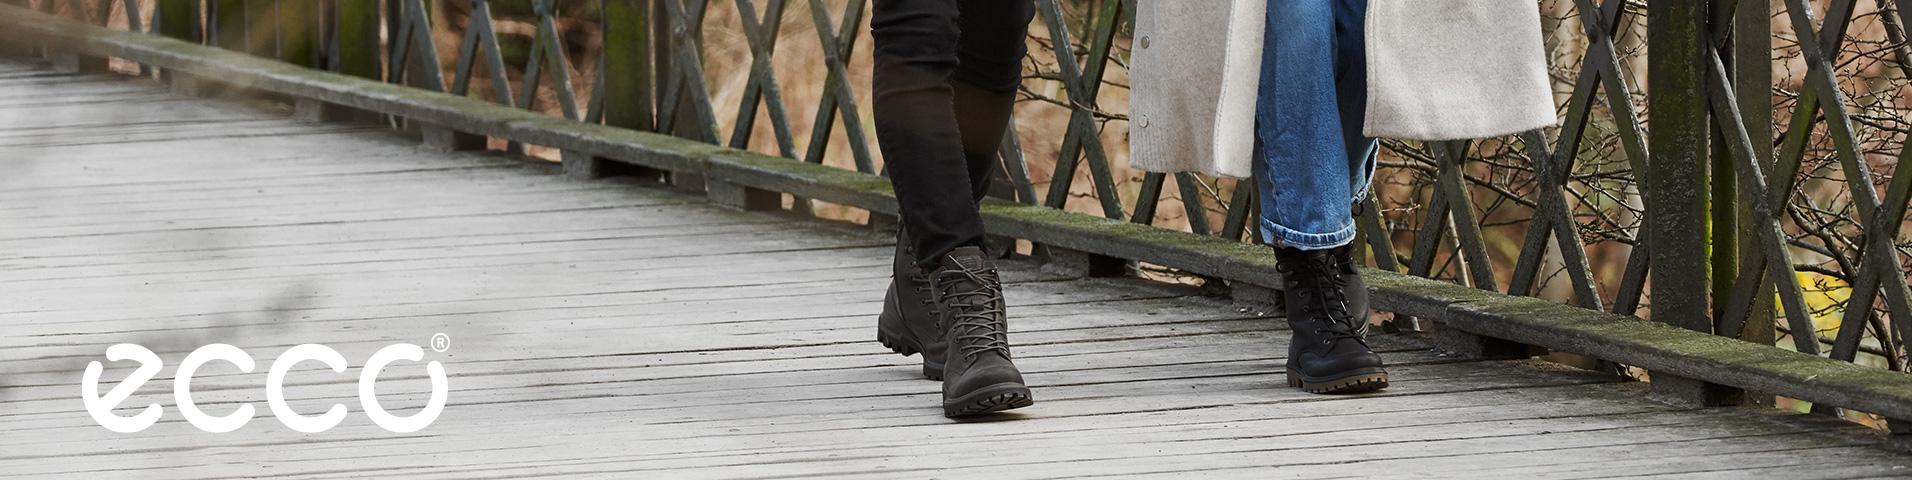 ecco Online Shop | ecco online bestellen bei Zalando